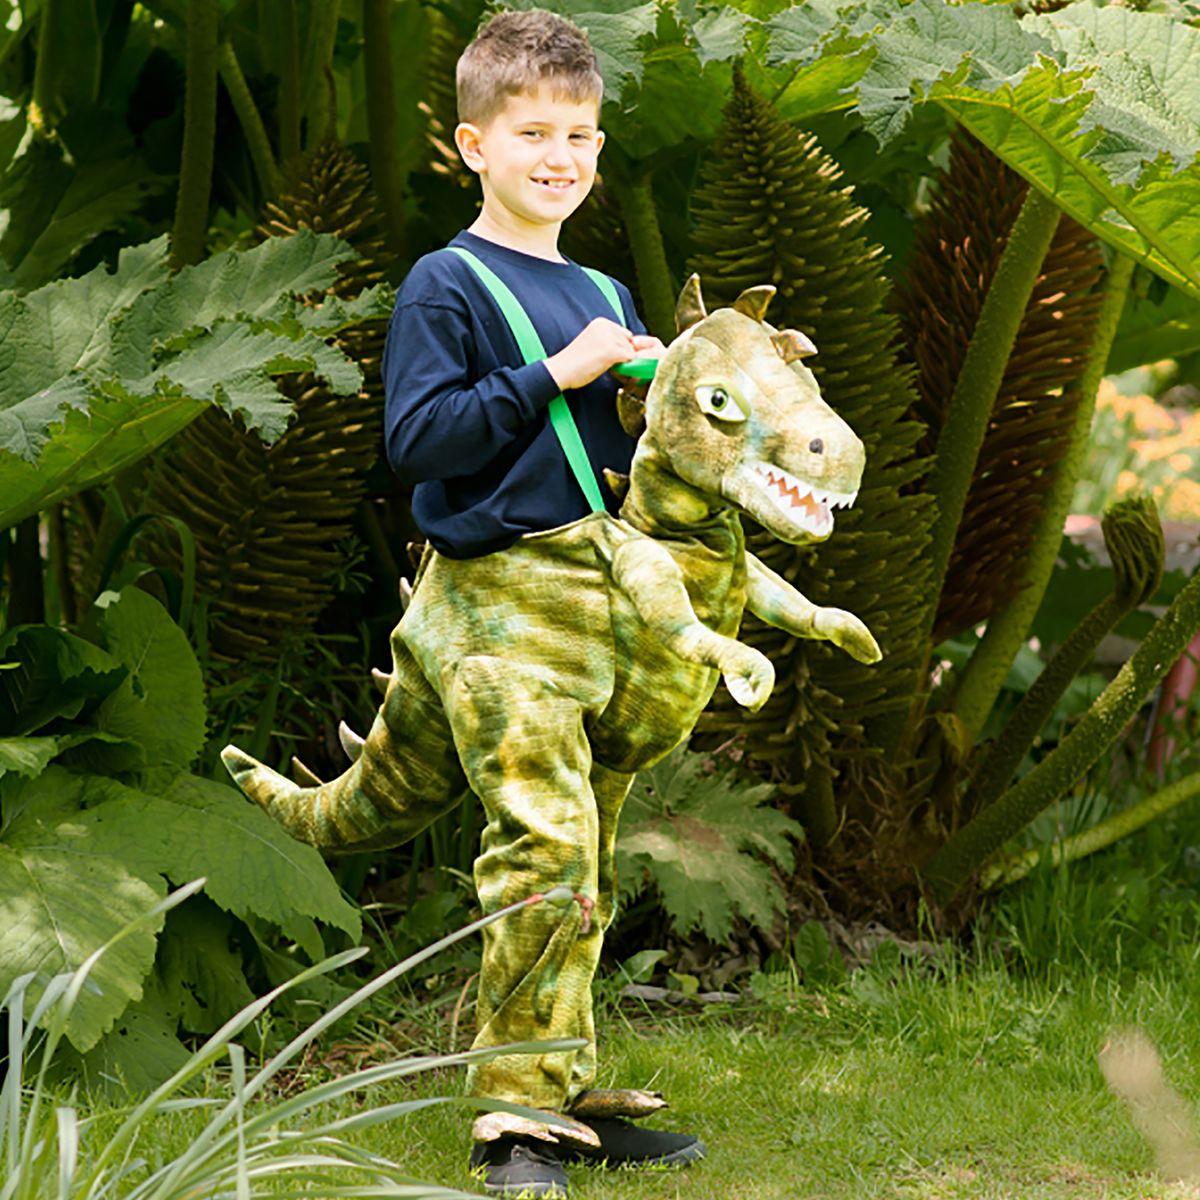 Kinder Kostüm Tragmich reitender Dino T-Rex grün Huckepack Carry me Steinzeit Tier Fasching Karneval Kinderfasching Mottoparty